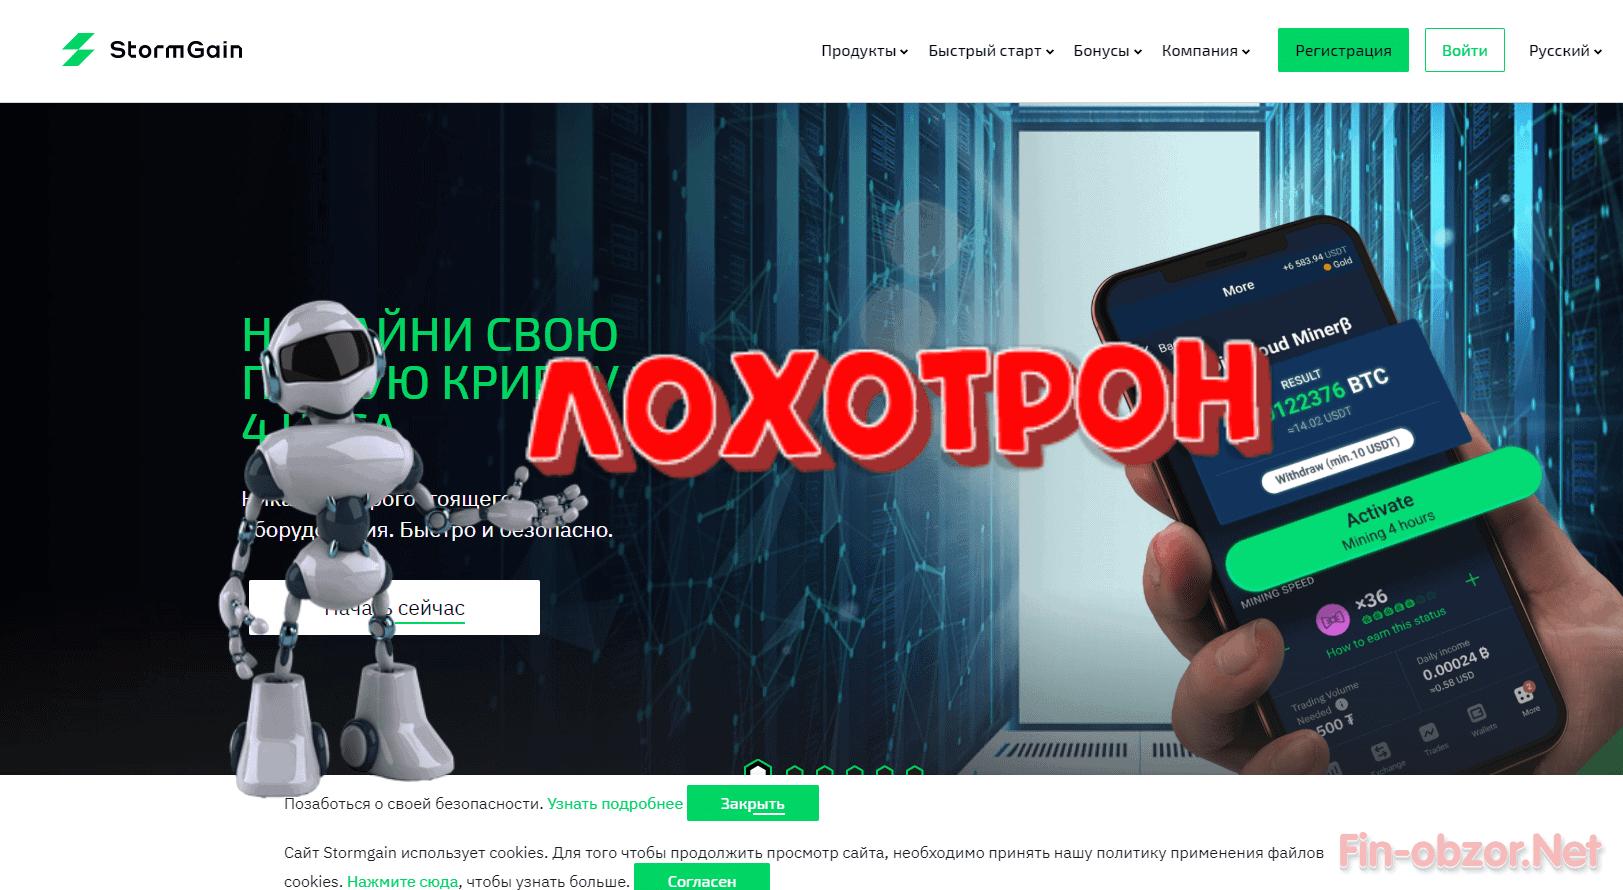 stormgain.com лохотрон?